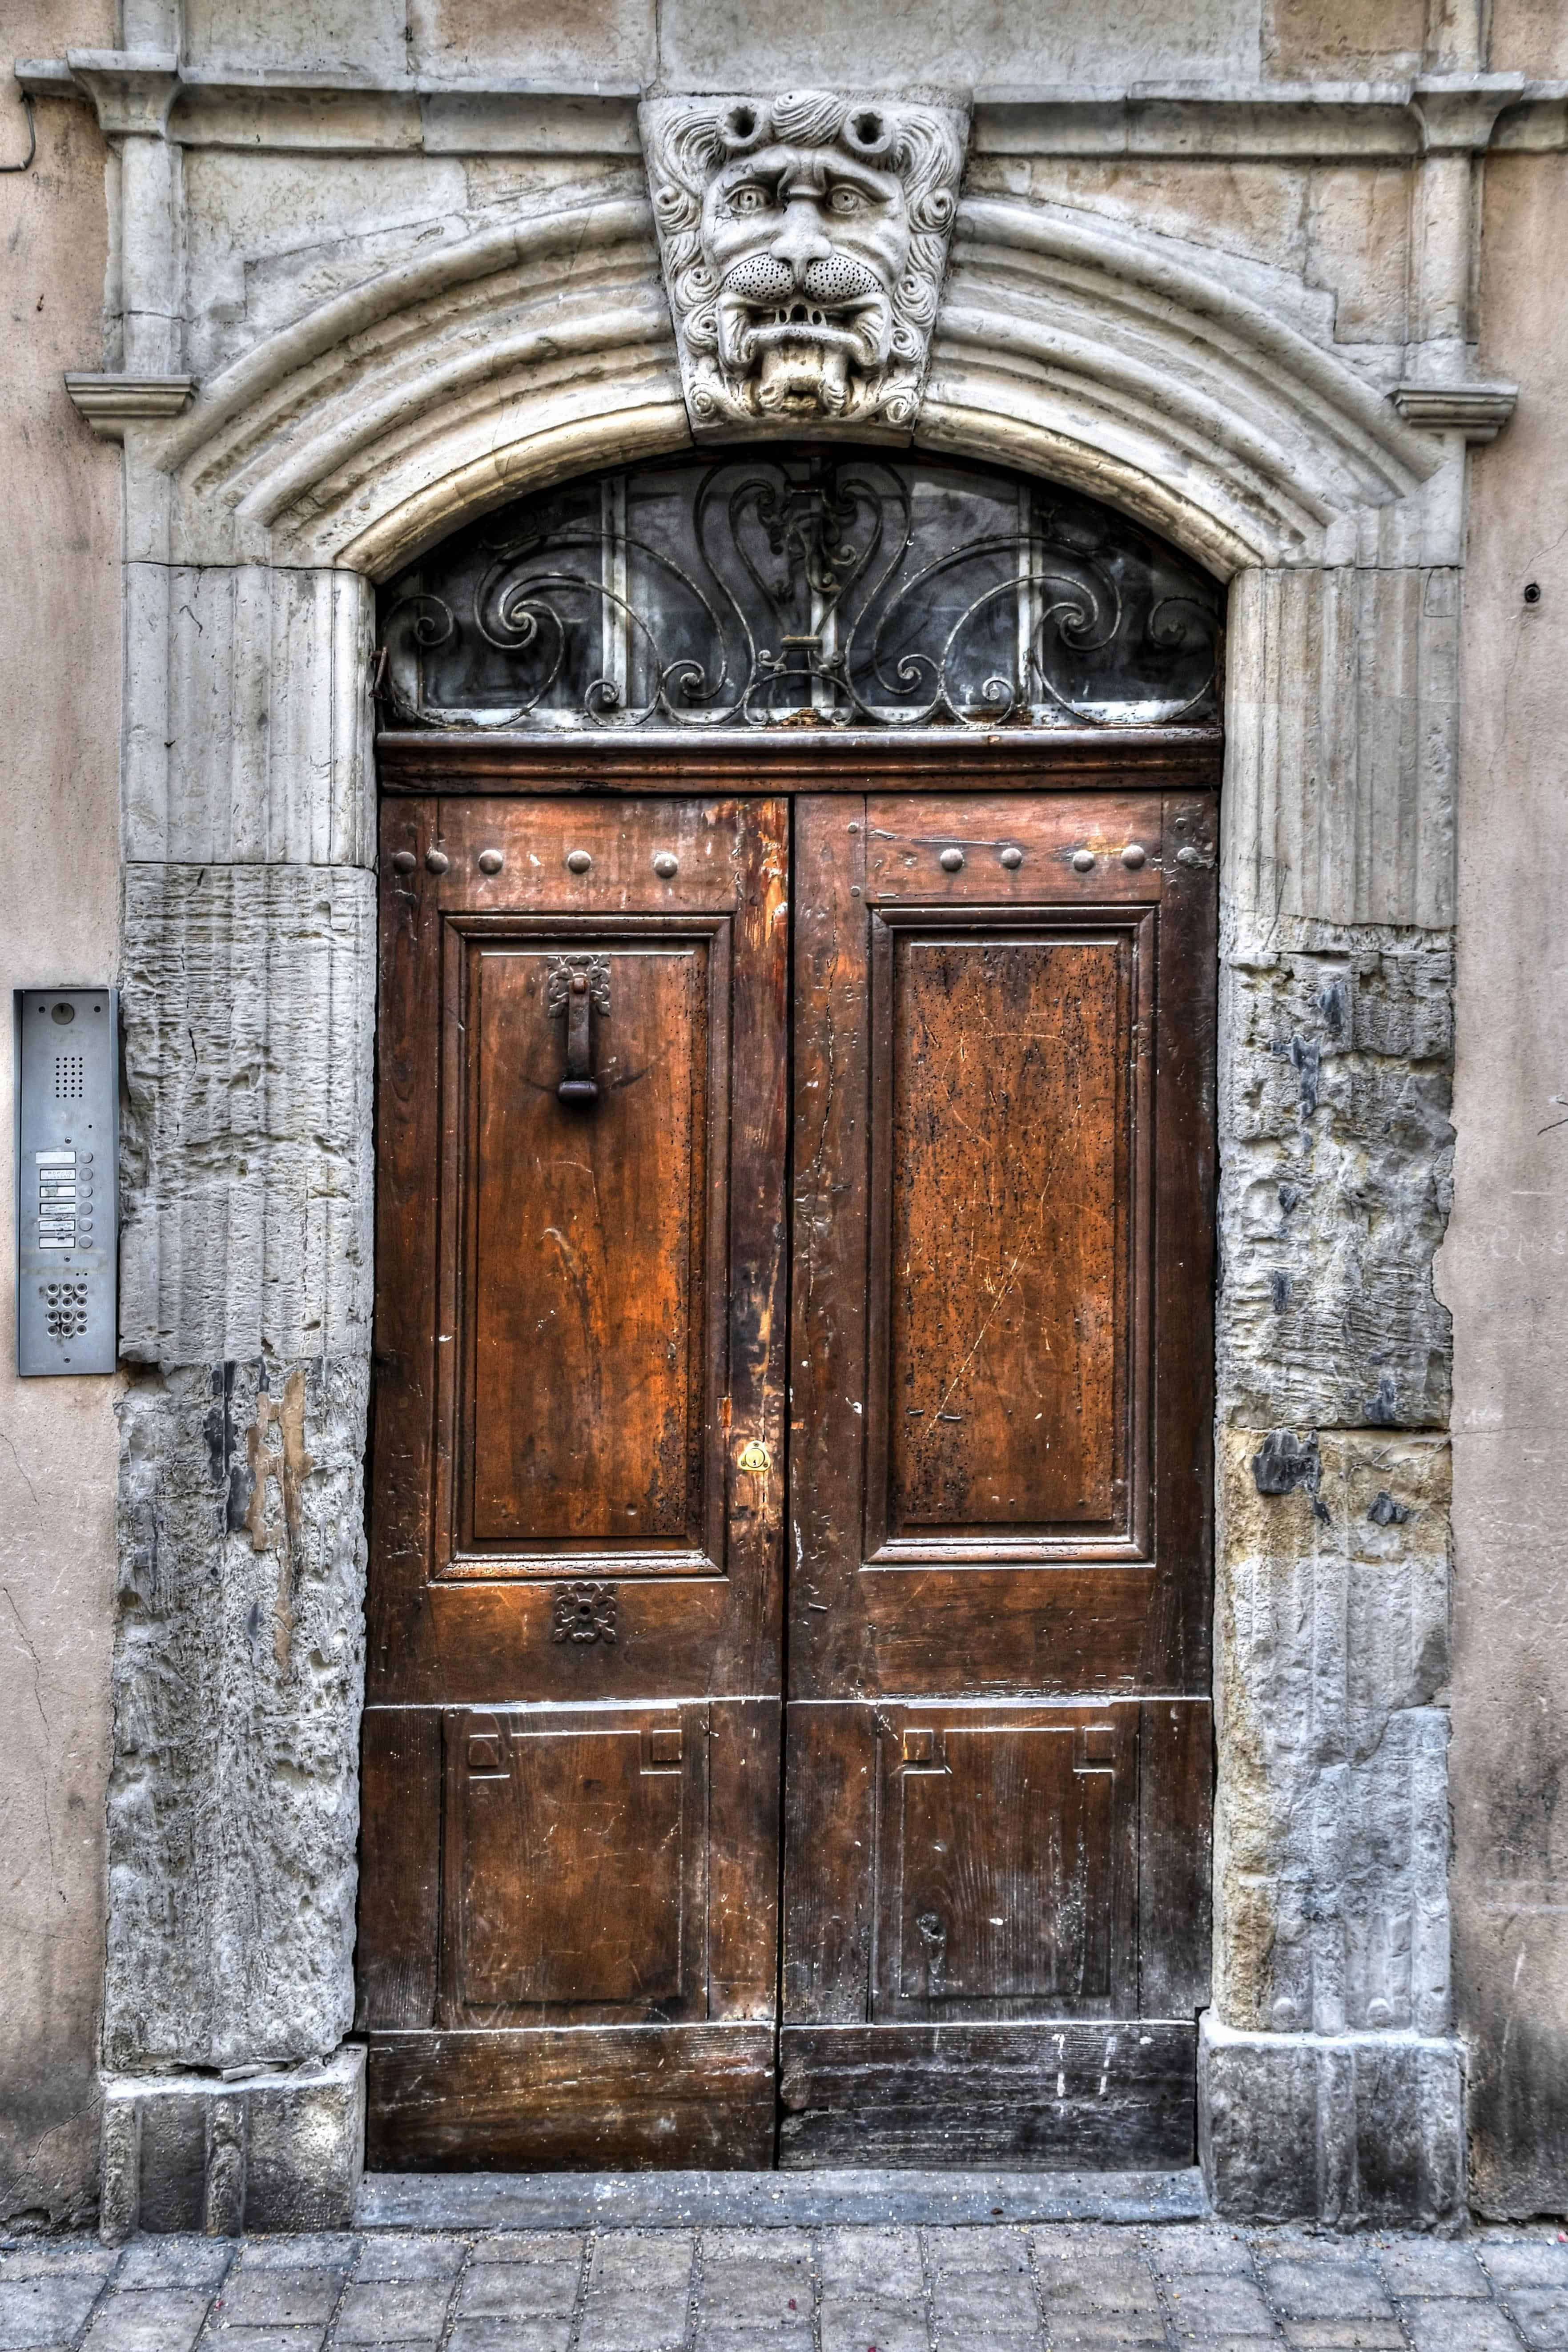 รูปภาพฟรี ประตูทางเข้า ทางเข้า บ้าน สถาปัตยกรรม ประตู ไม้